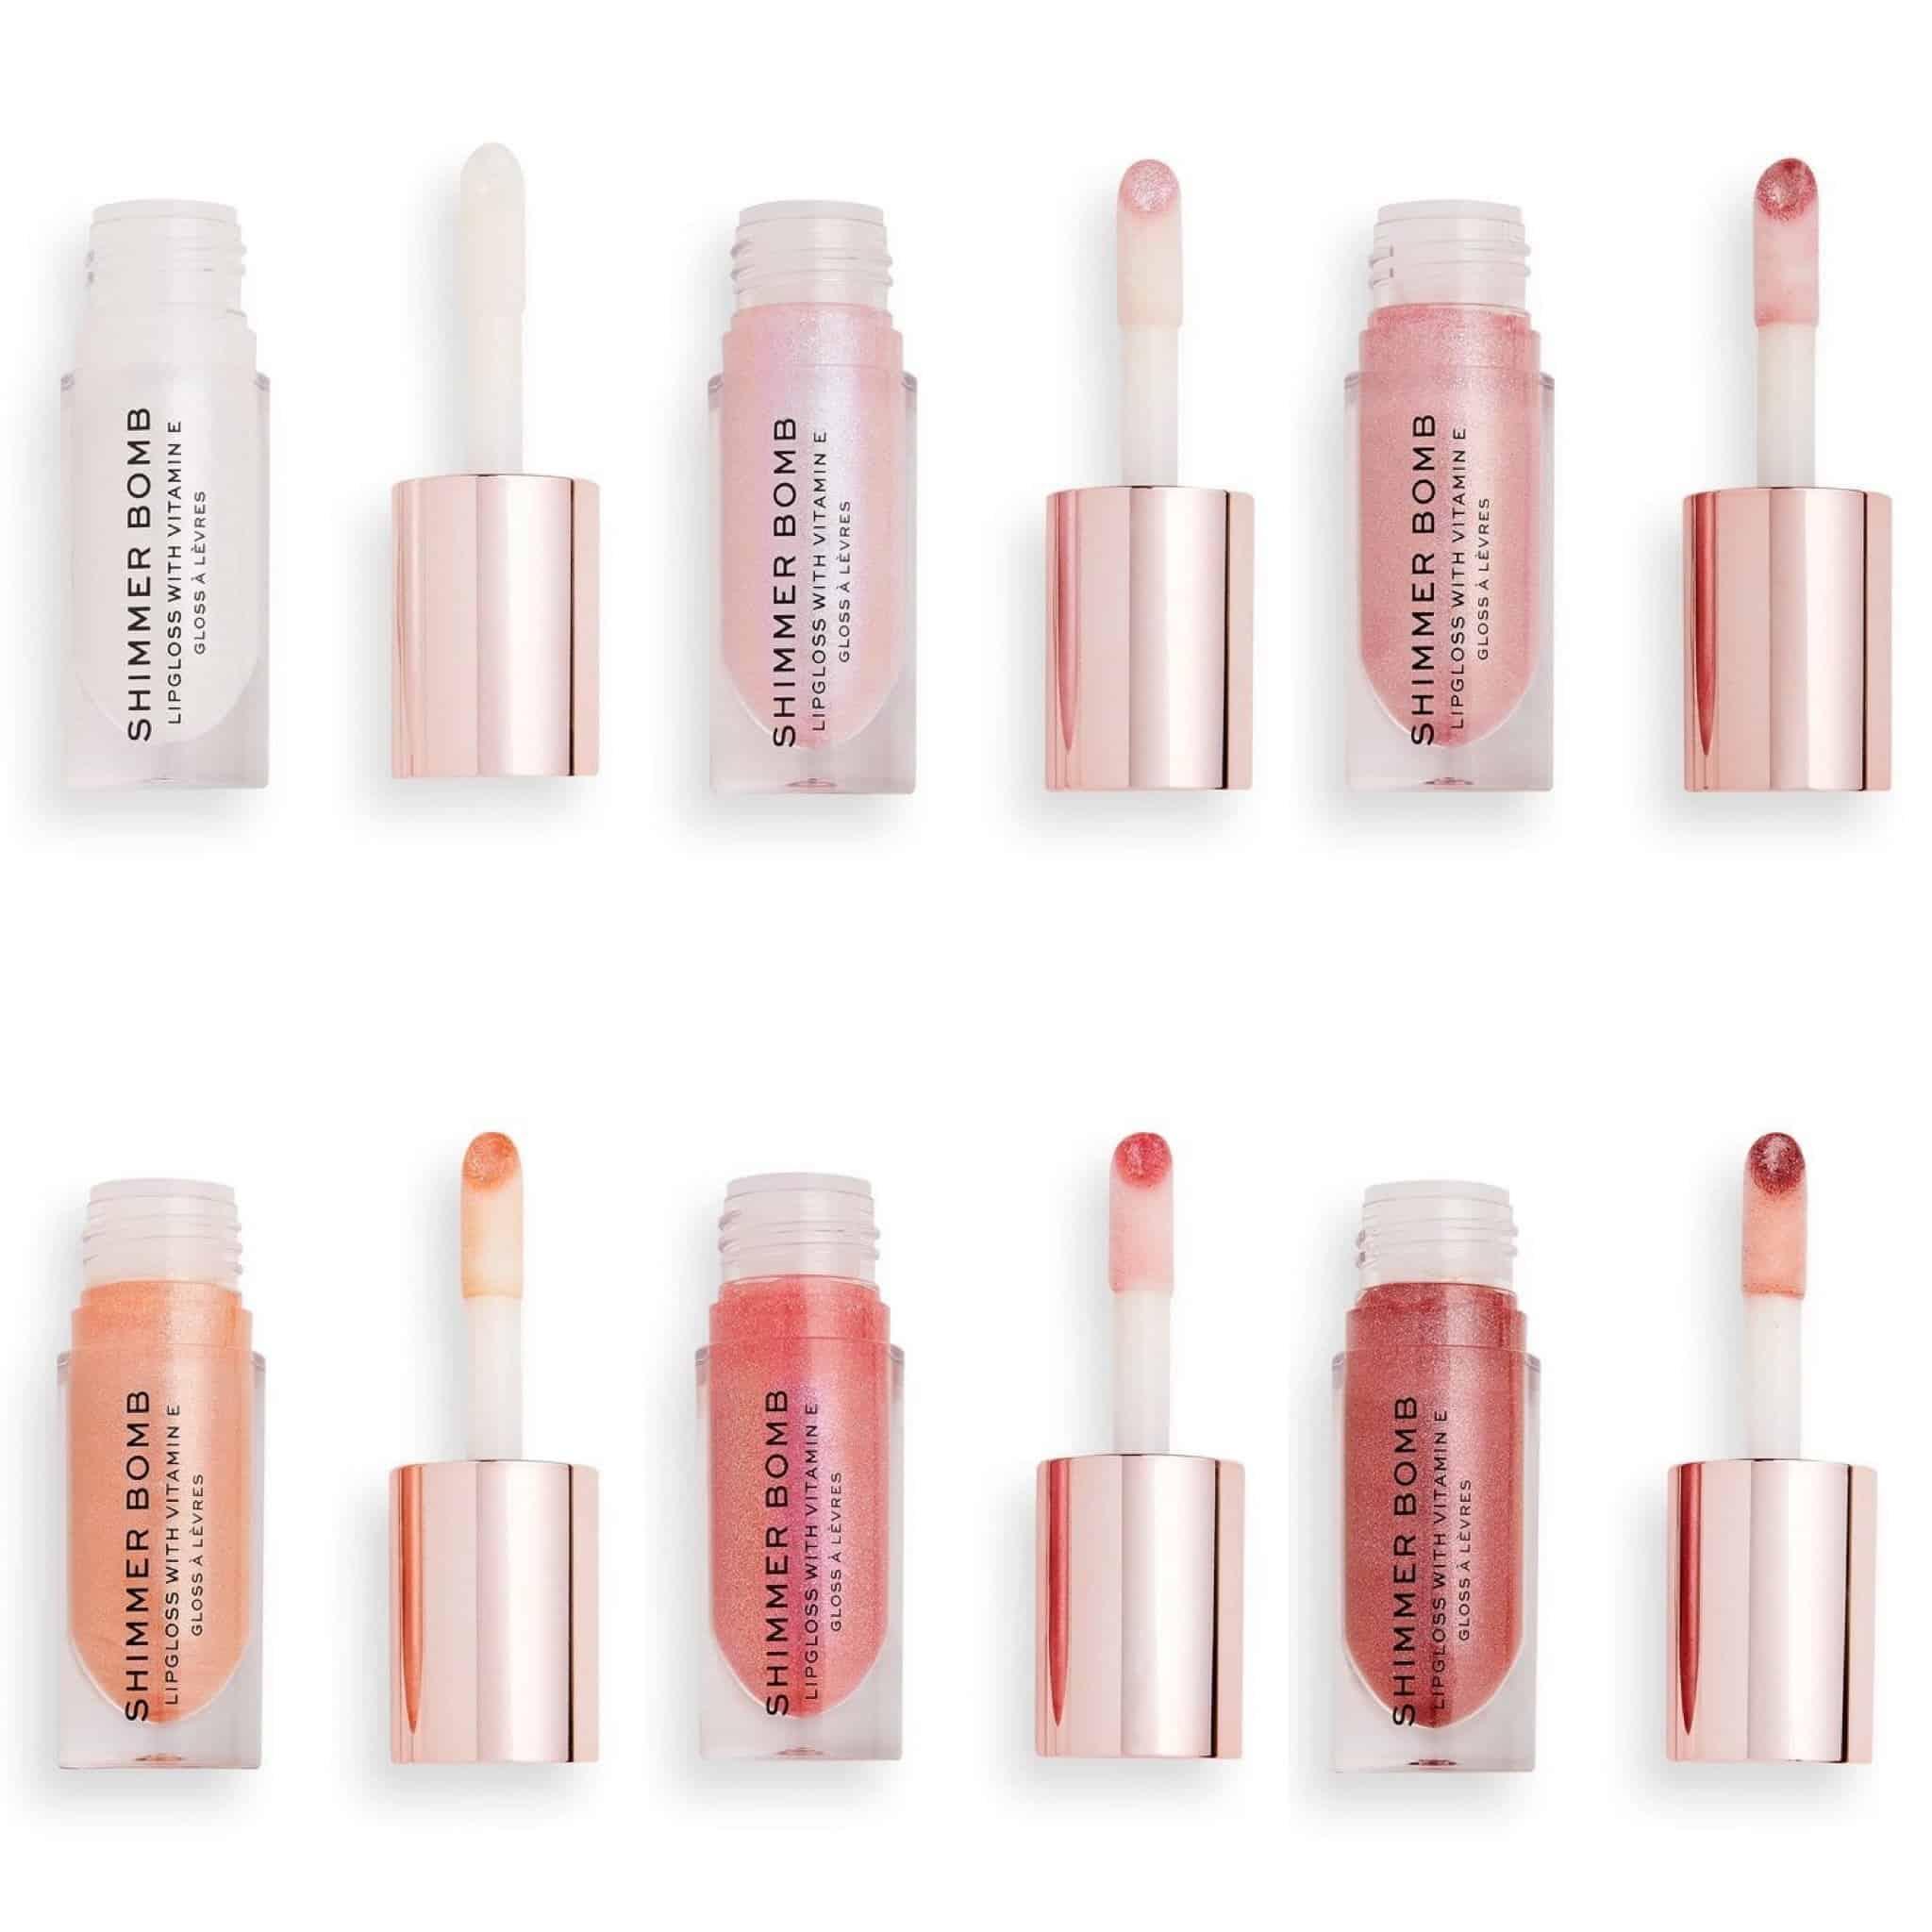 Revolution Shimmer Bomb Lip Gloss